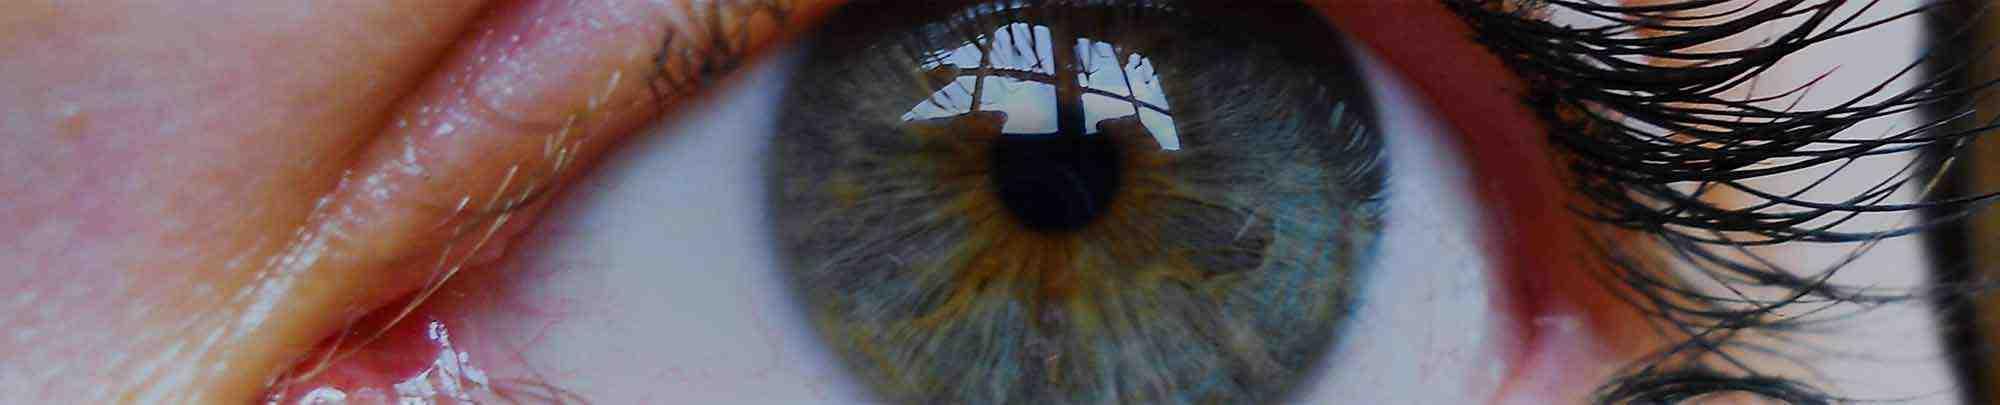 צילום תקריב של עיניים כחולות של אישה